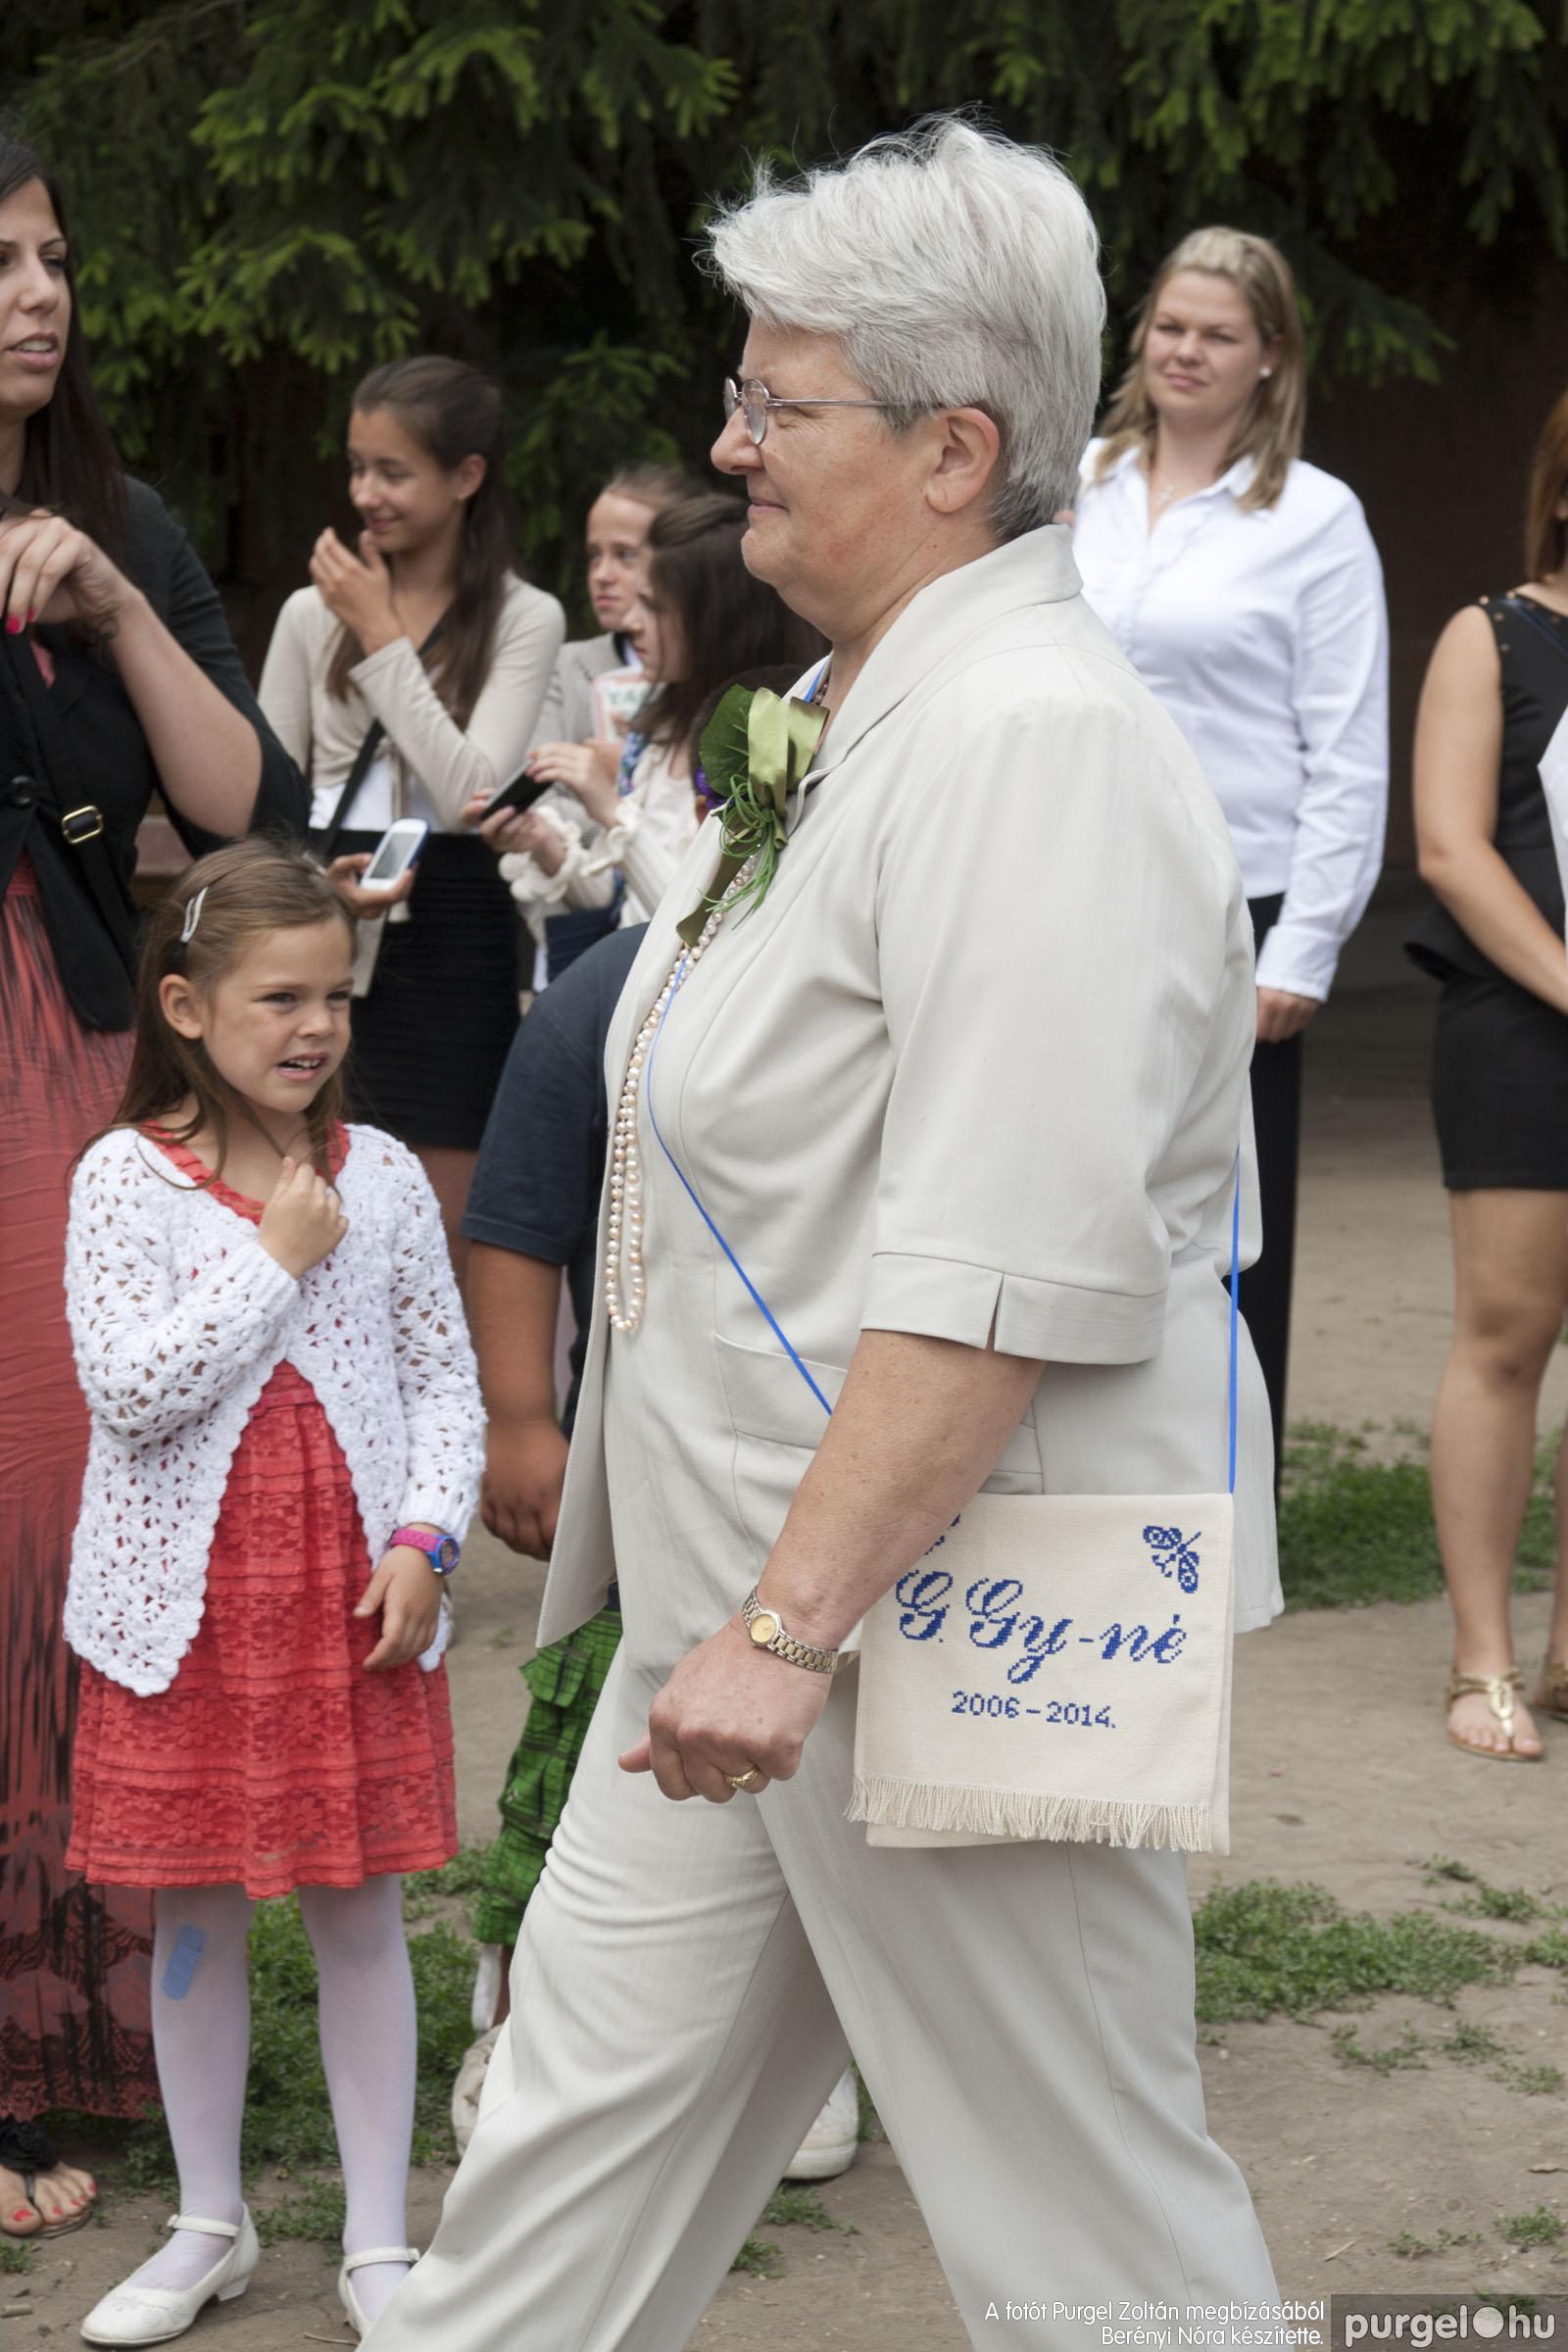 2014.06.14. 334 Forray Máté Általános Iskola ballagás 2014. - Fotó:BERÉNYI NÓRA© _MG_6067